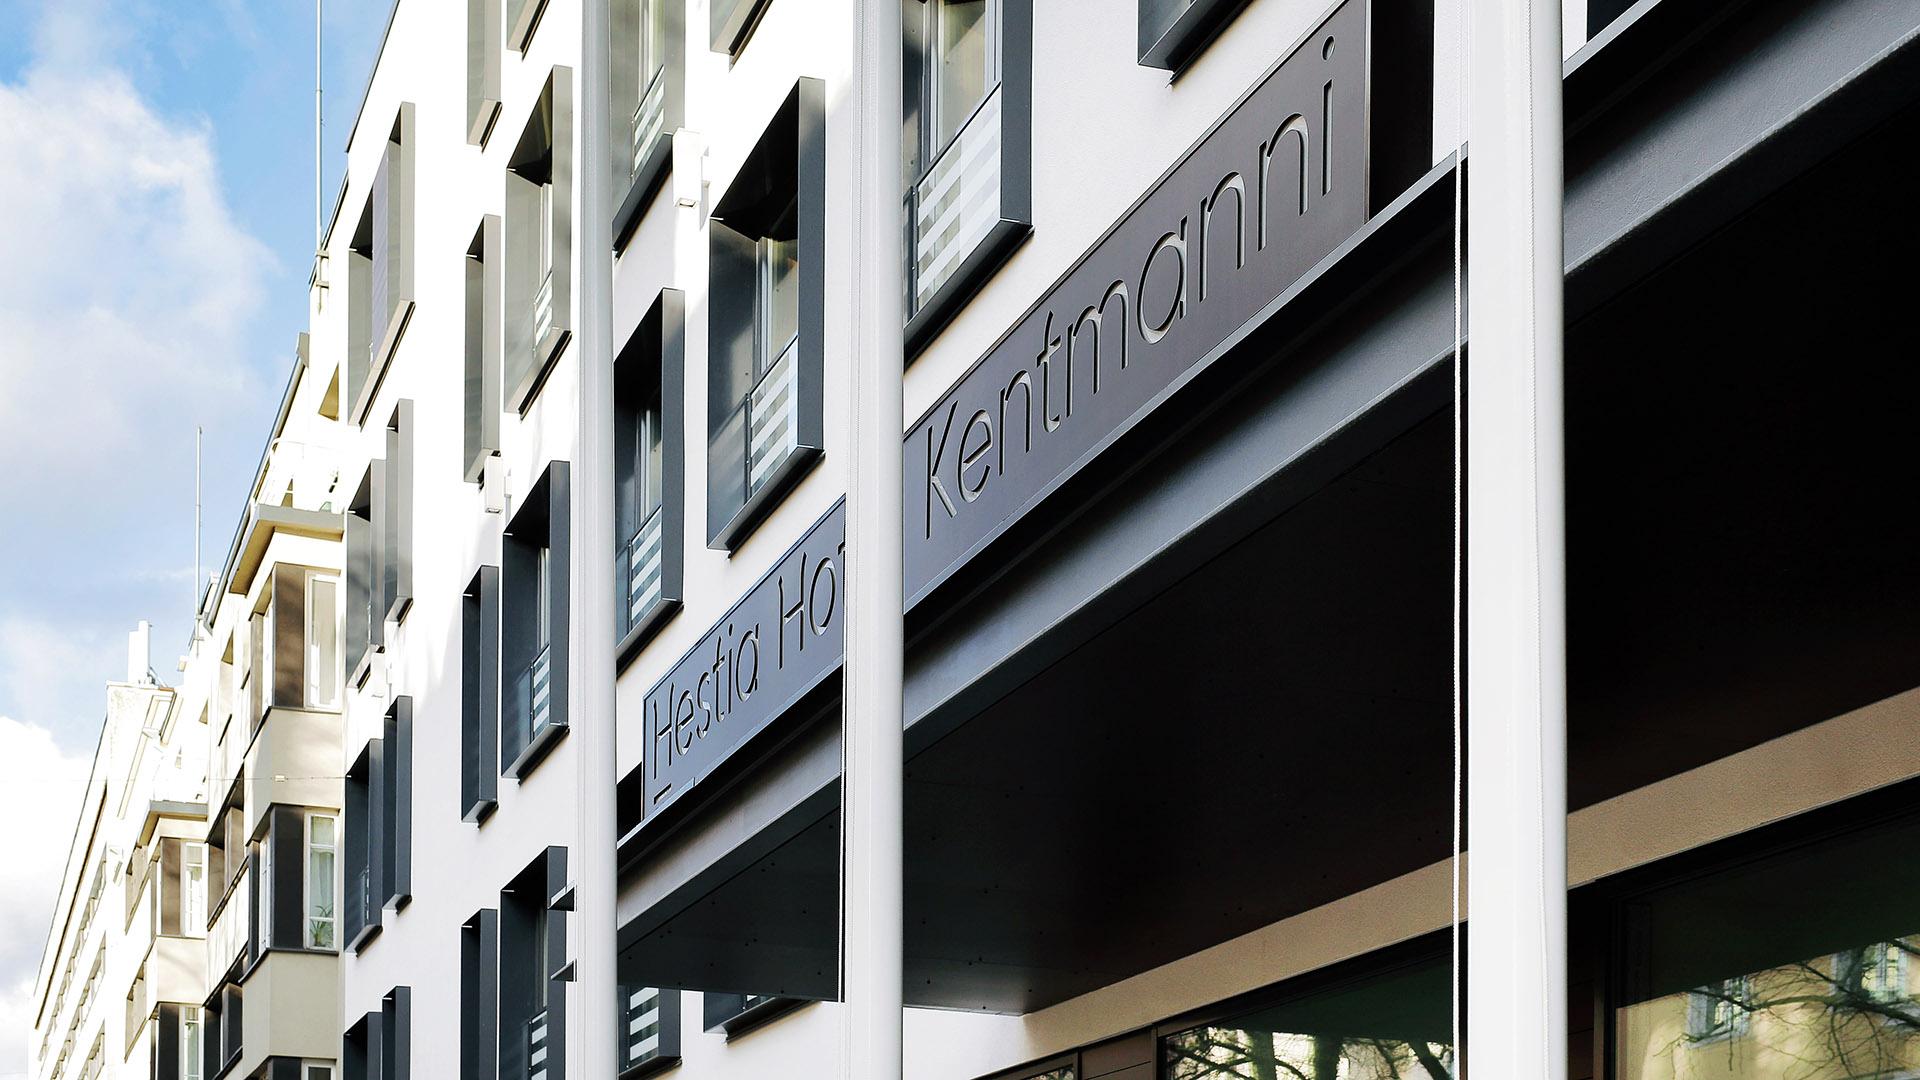 New hotel in Tallinn